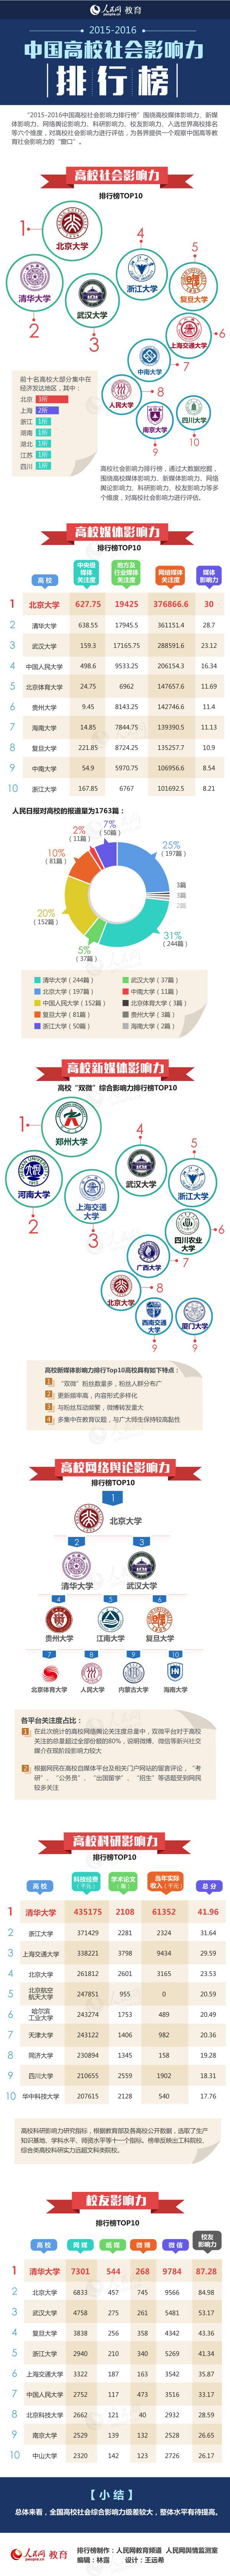 中国高校社会影响力排行榜:北大清华武大位列3甲 - 天在上头 - 我的信息博客